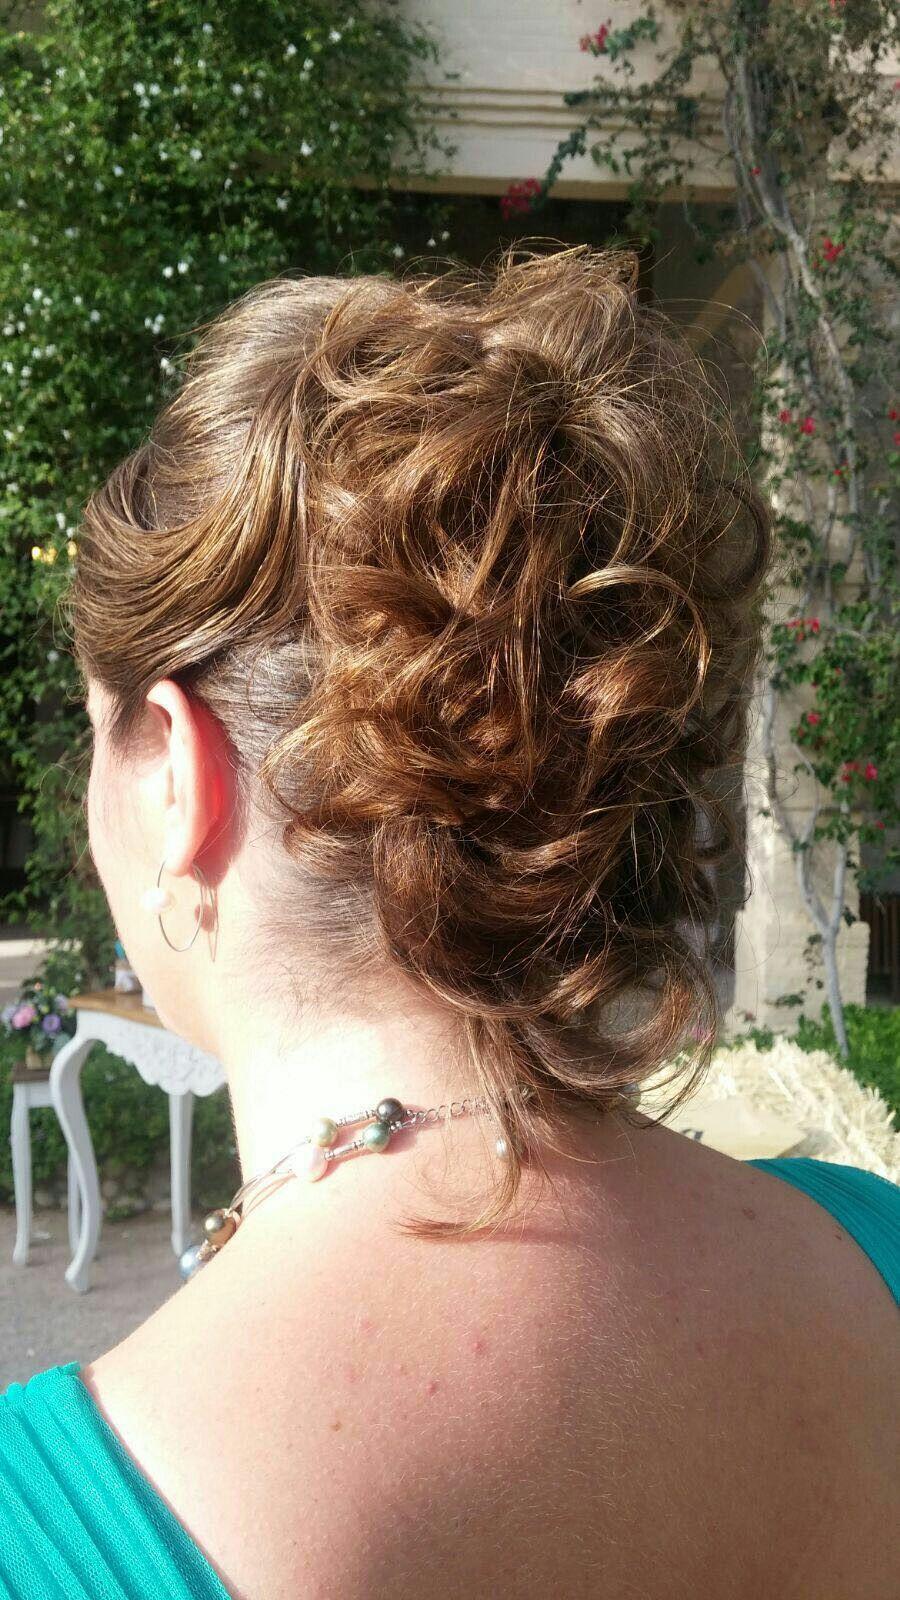 Extremadamente atractivo peinados de peluquería Fotos de cortes de pelo estilo - peinado fiesta   Peluquera, Peinados de fiesta, Peluqueria